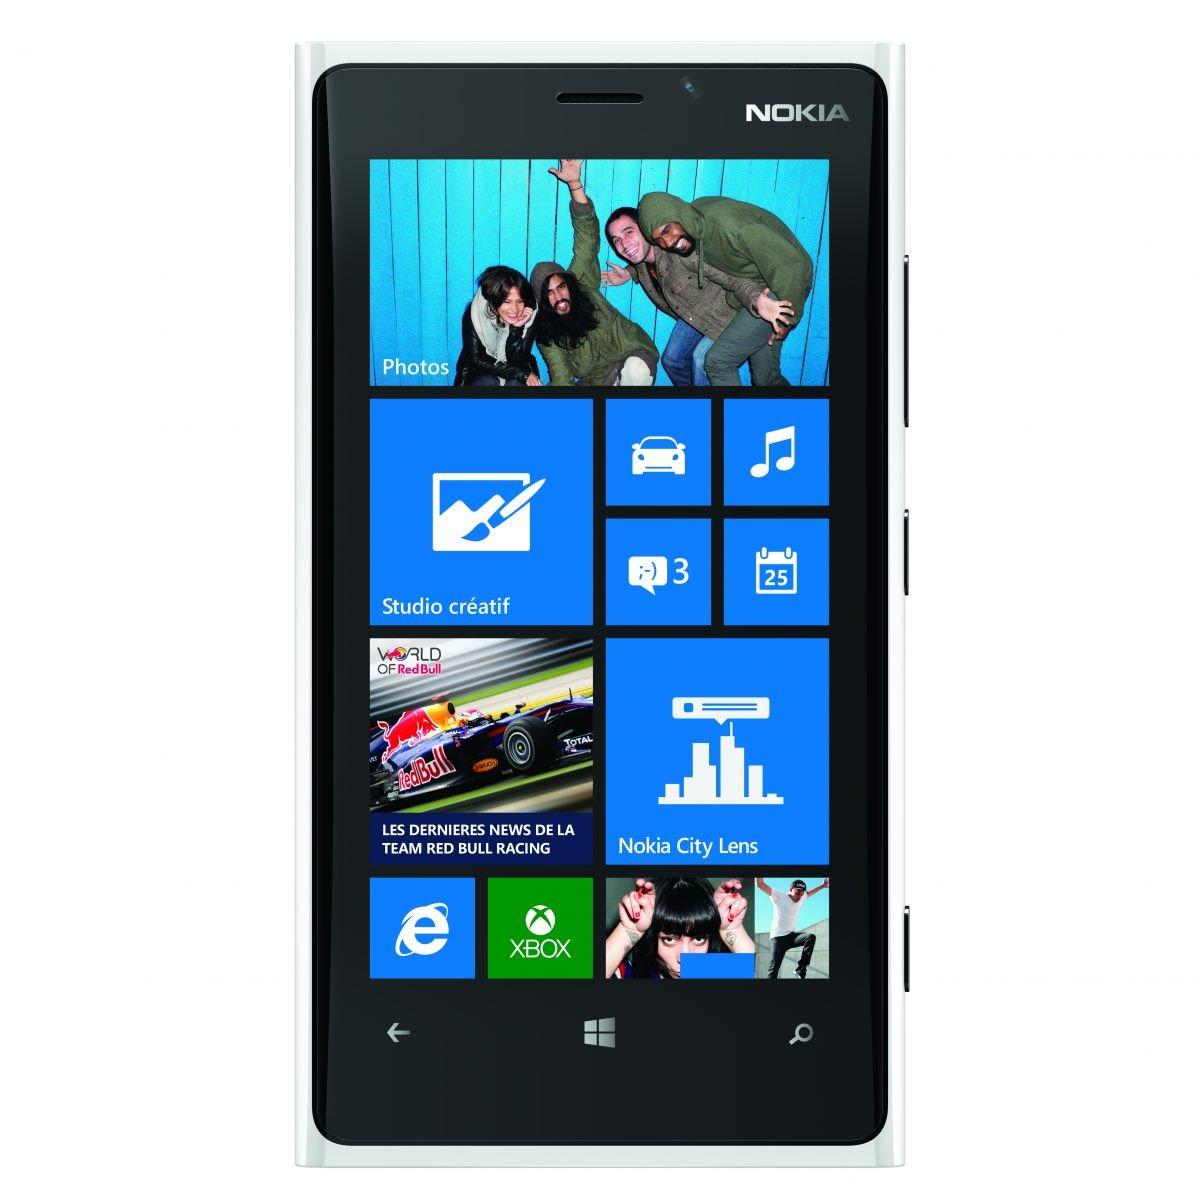 Nokia lumia 920 price in pakistan. Online shopping.